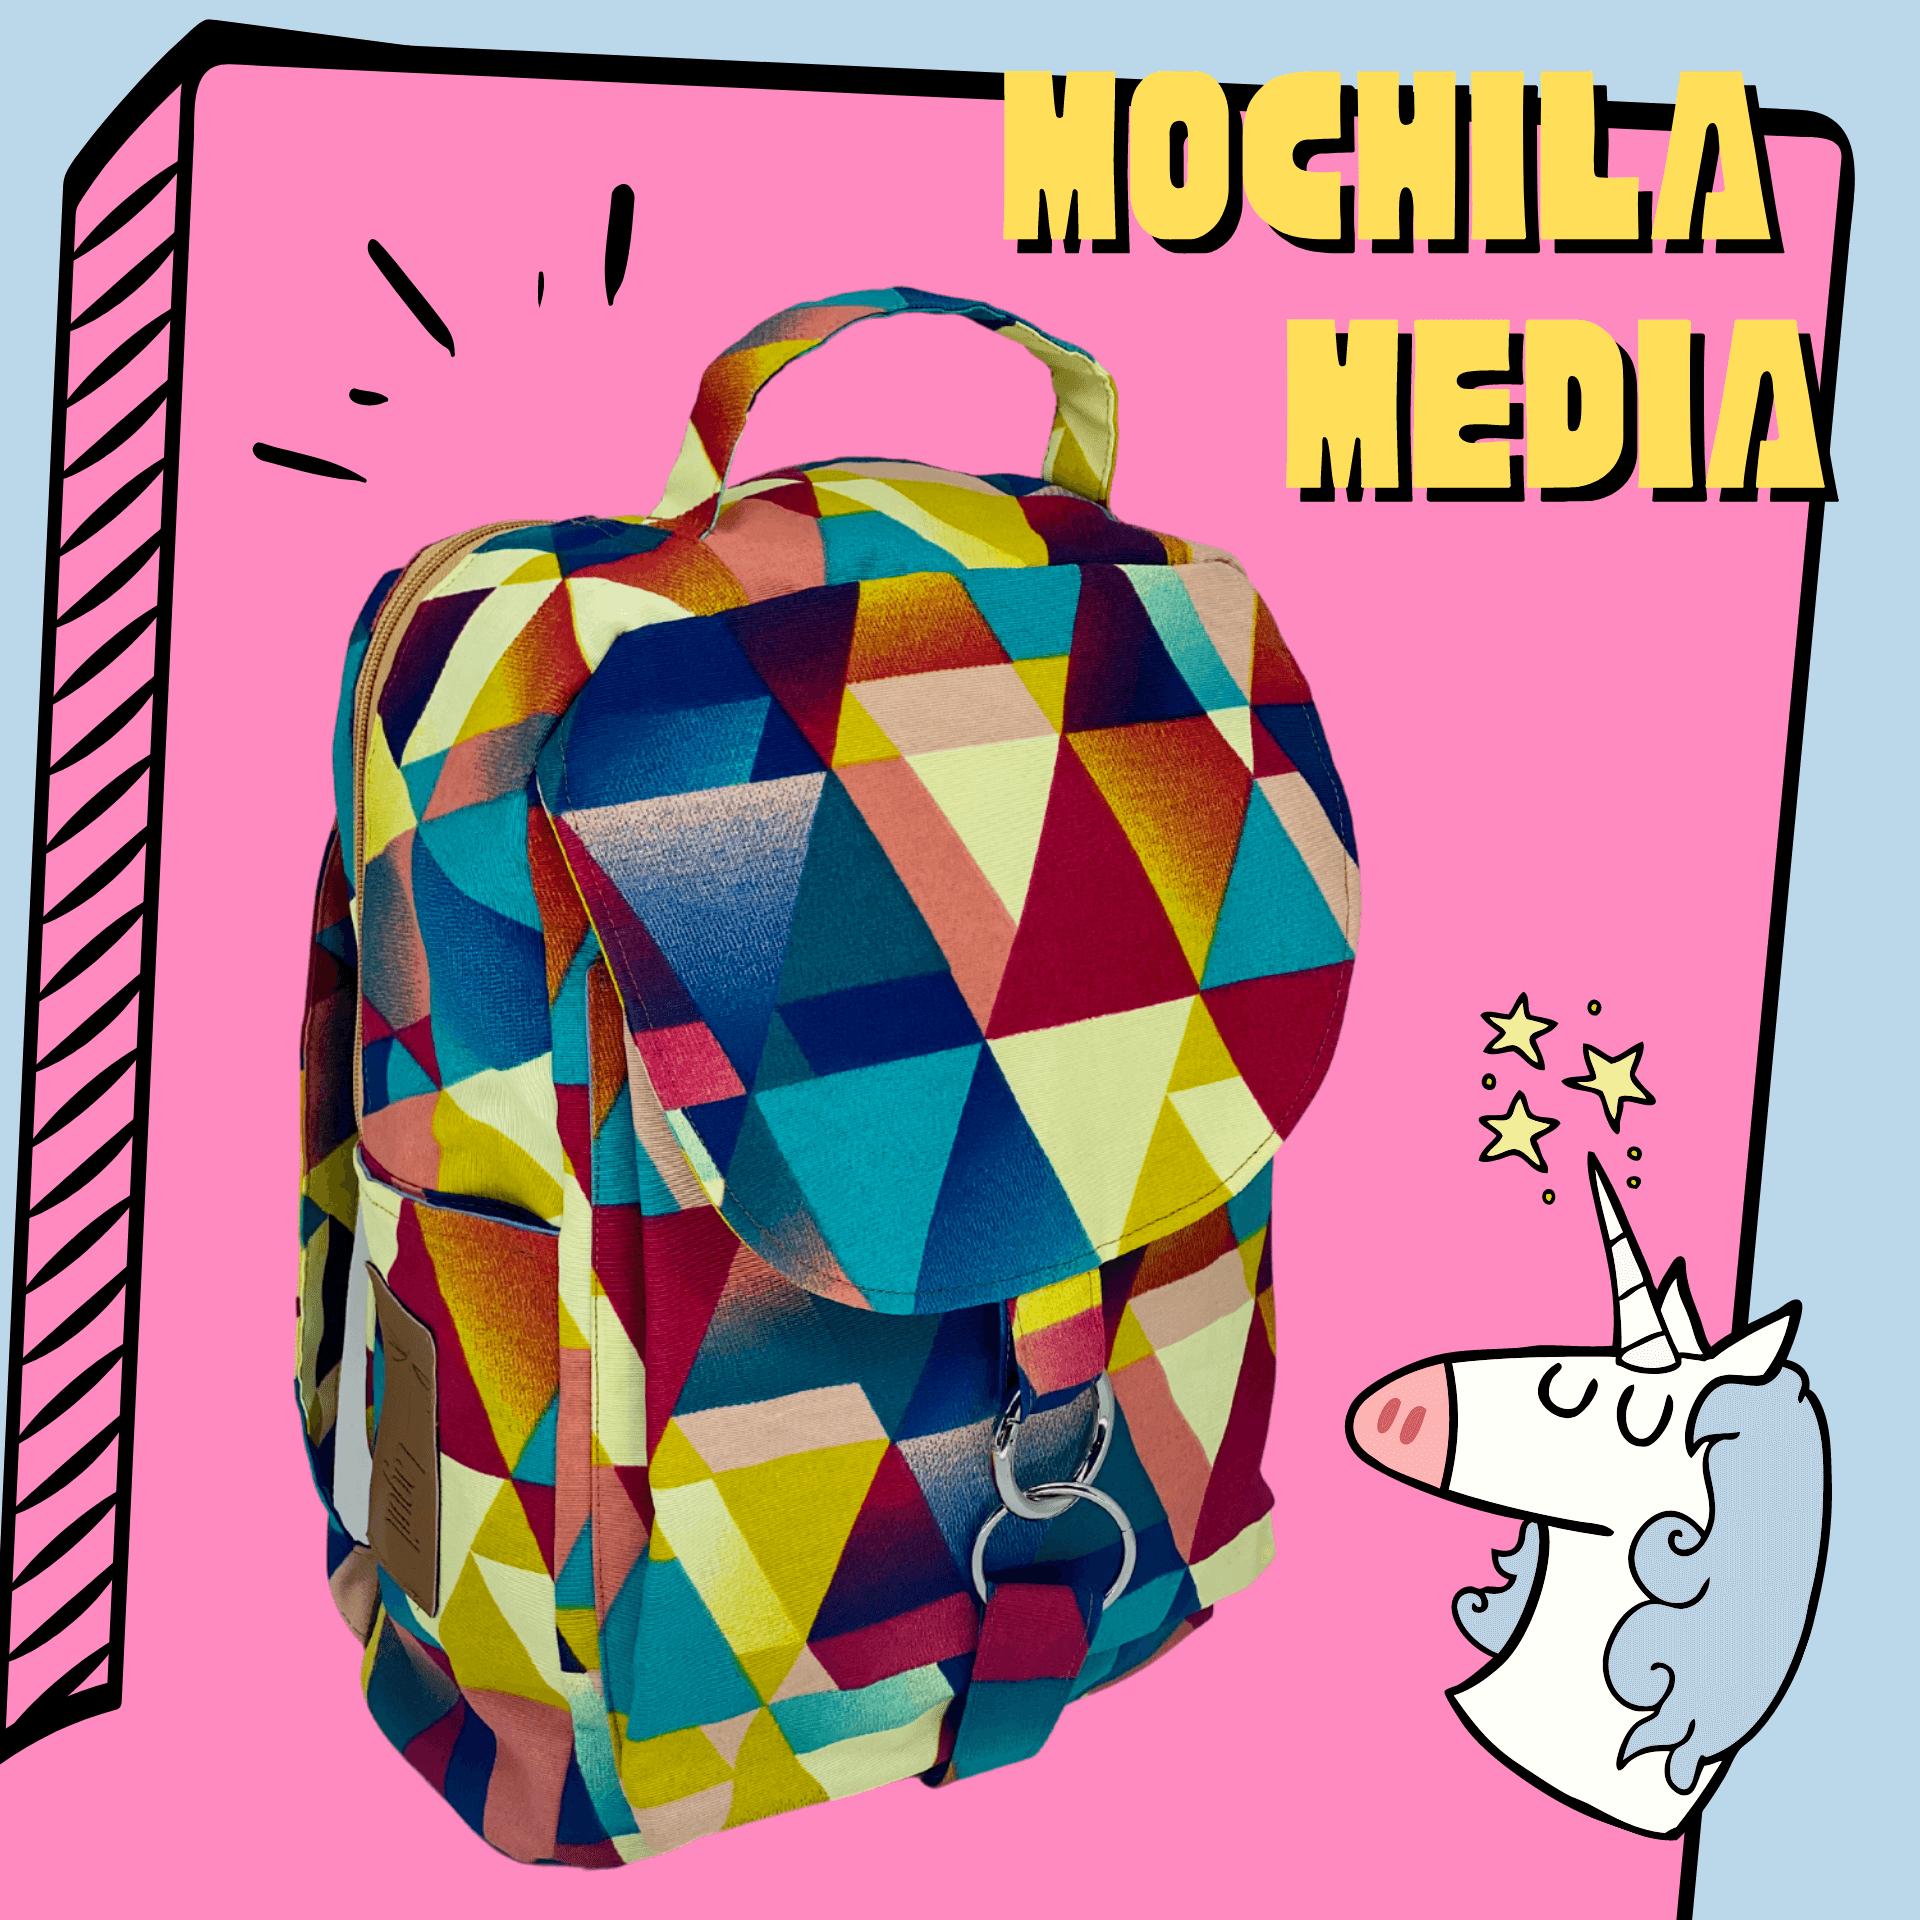 Mochila Artesanal Média